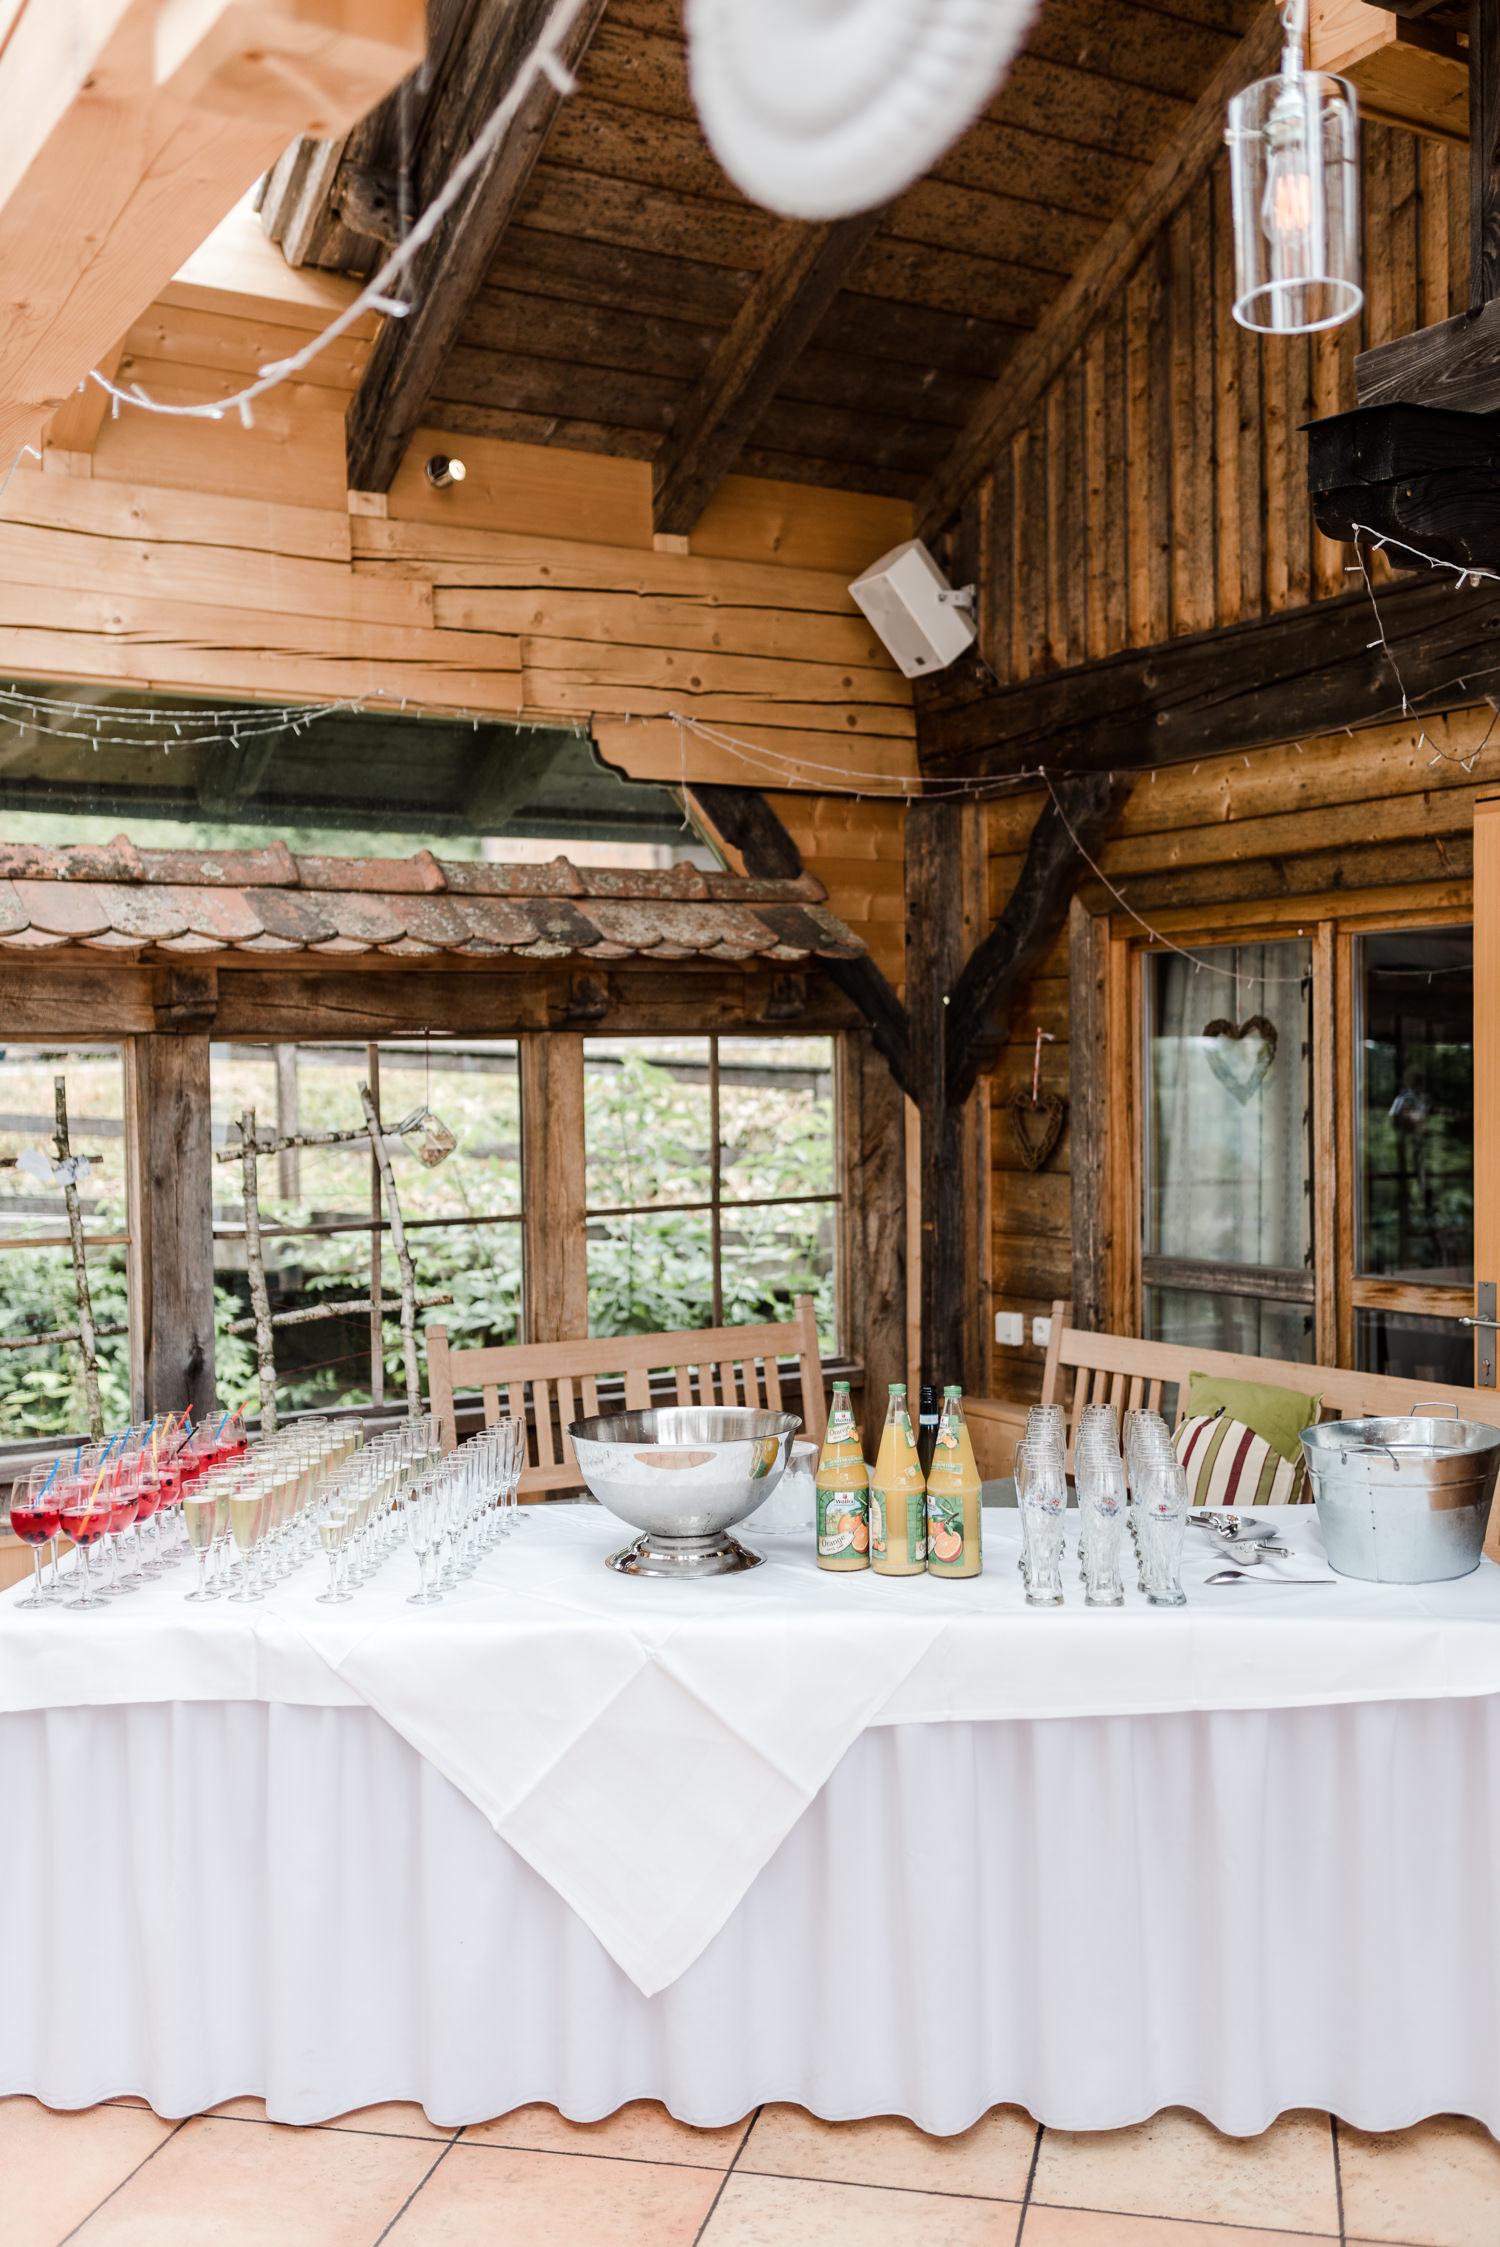 Sektbuffet für den Empfang der Gäste am Grandsberger Hof, bayerischer Wald.